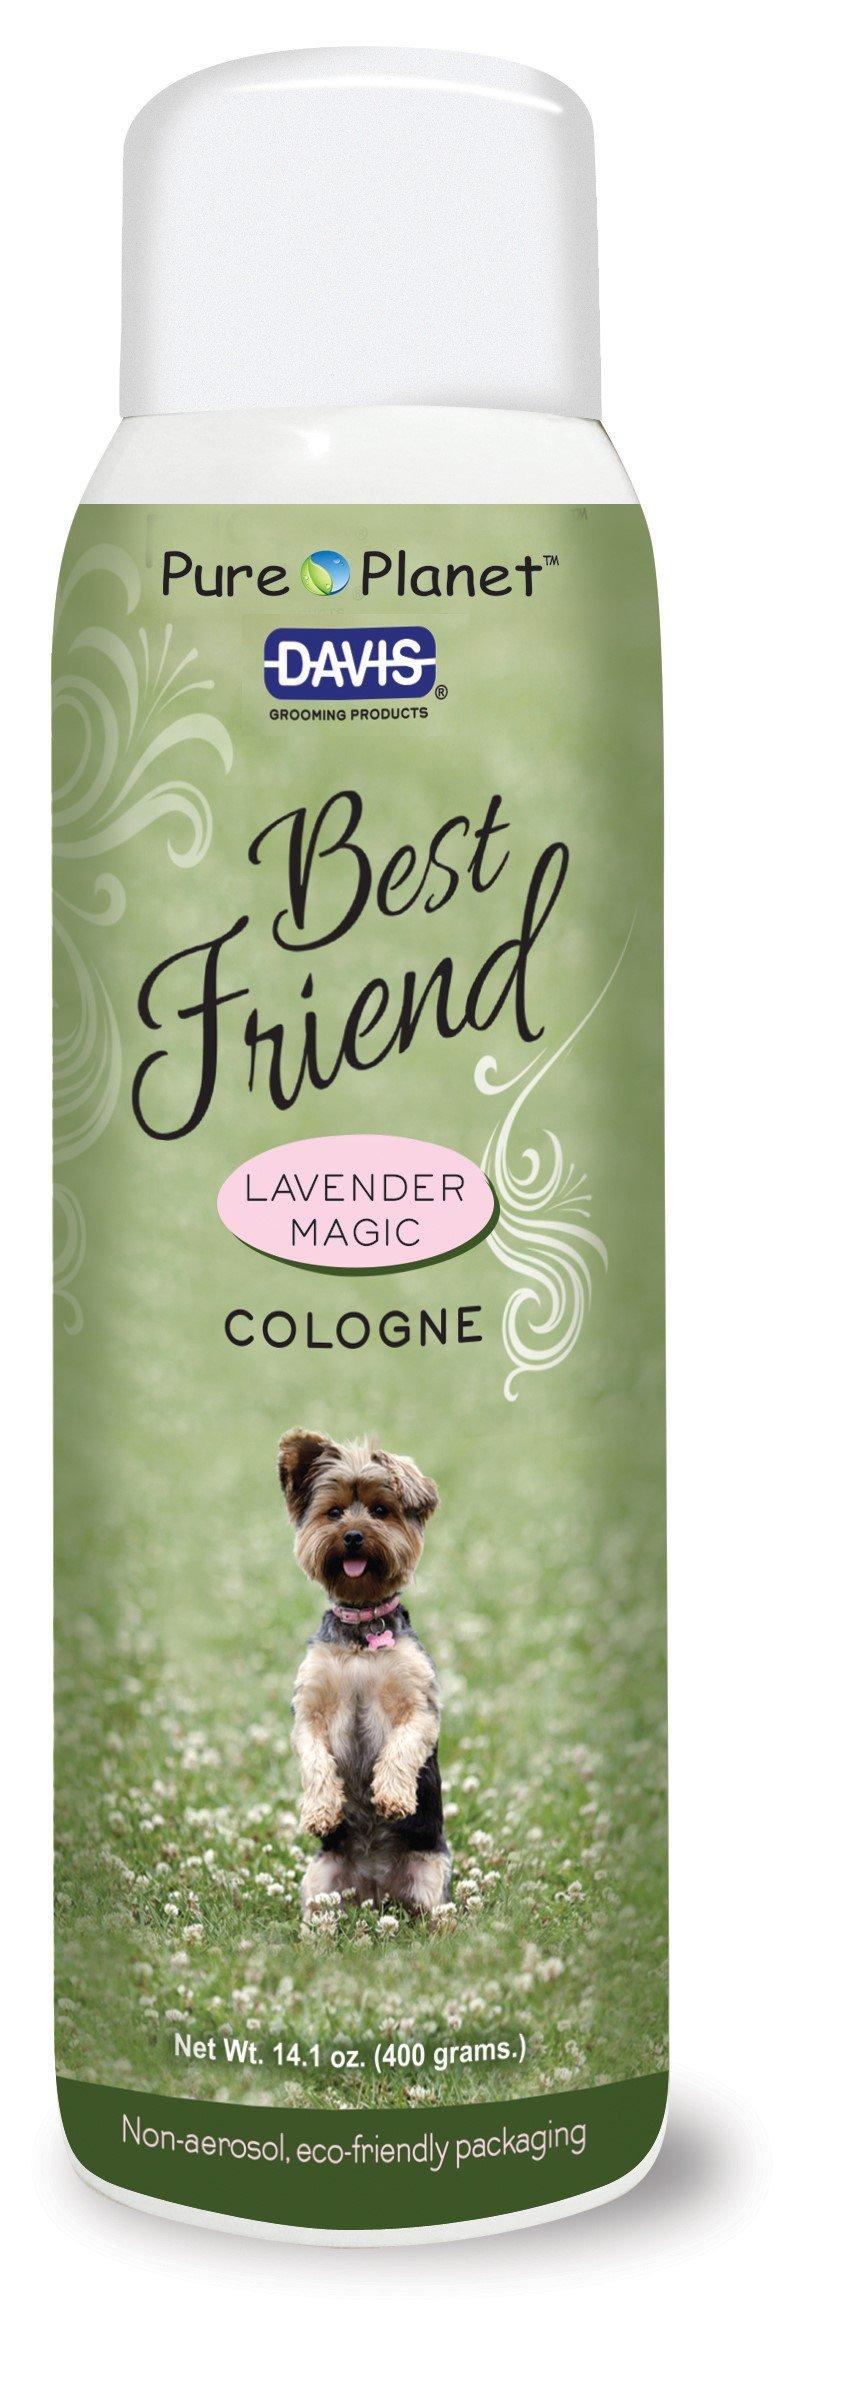 Davis BFC.LM14 Best Friend Lavender Magic Pet Cologne, 14.1 oz